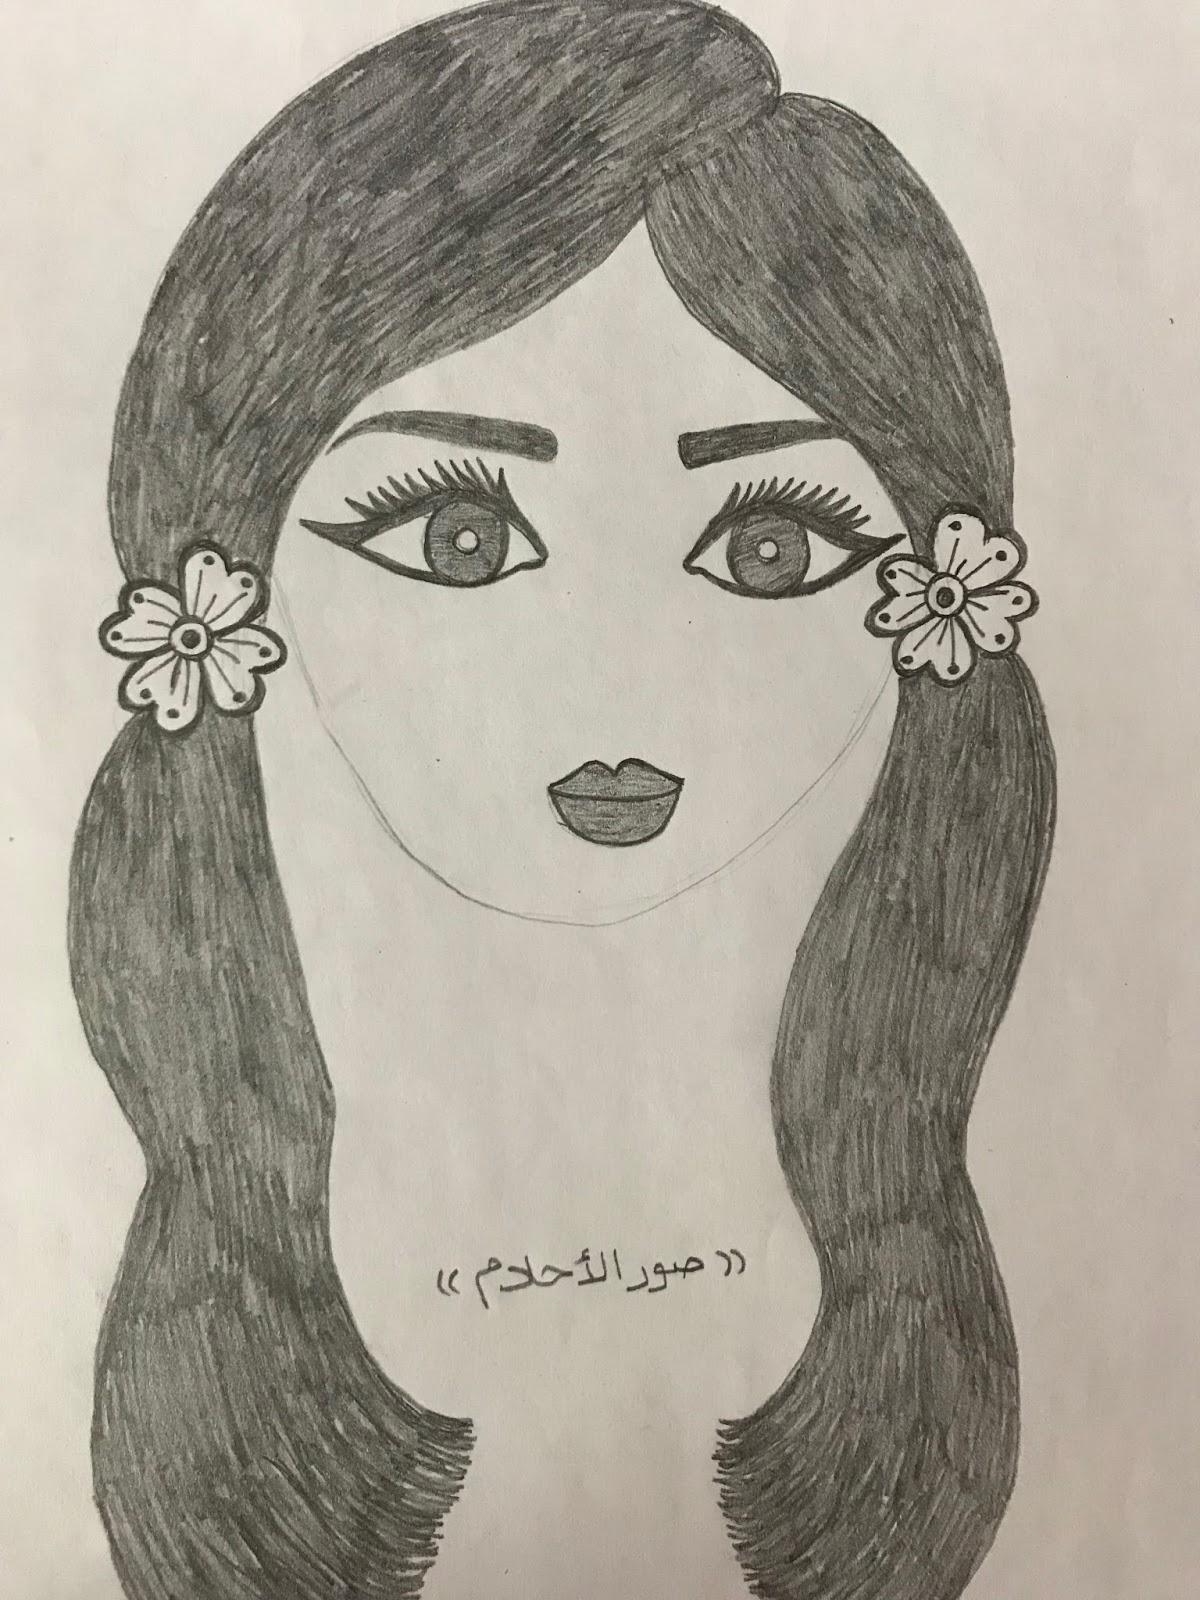 بالصور بنات كيوت رسم , بالصور اجمل البنات الكيوت بالرسم 5990 7